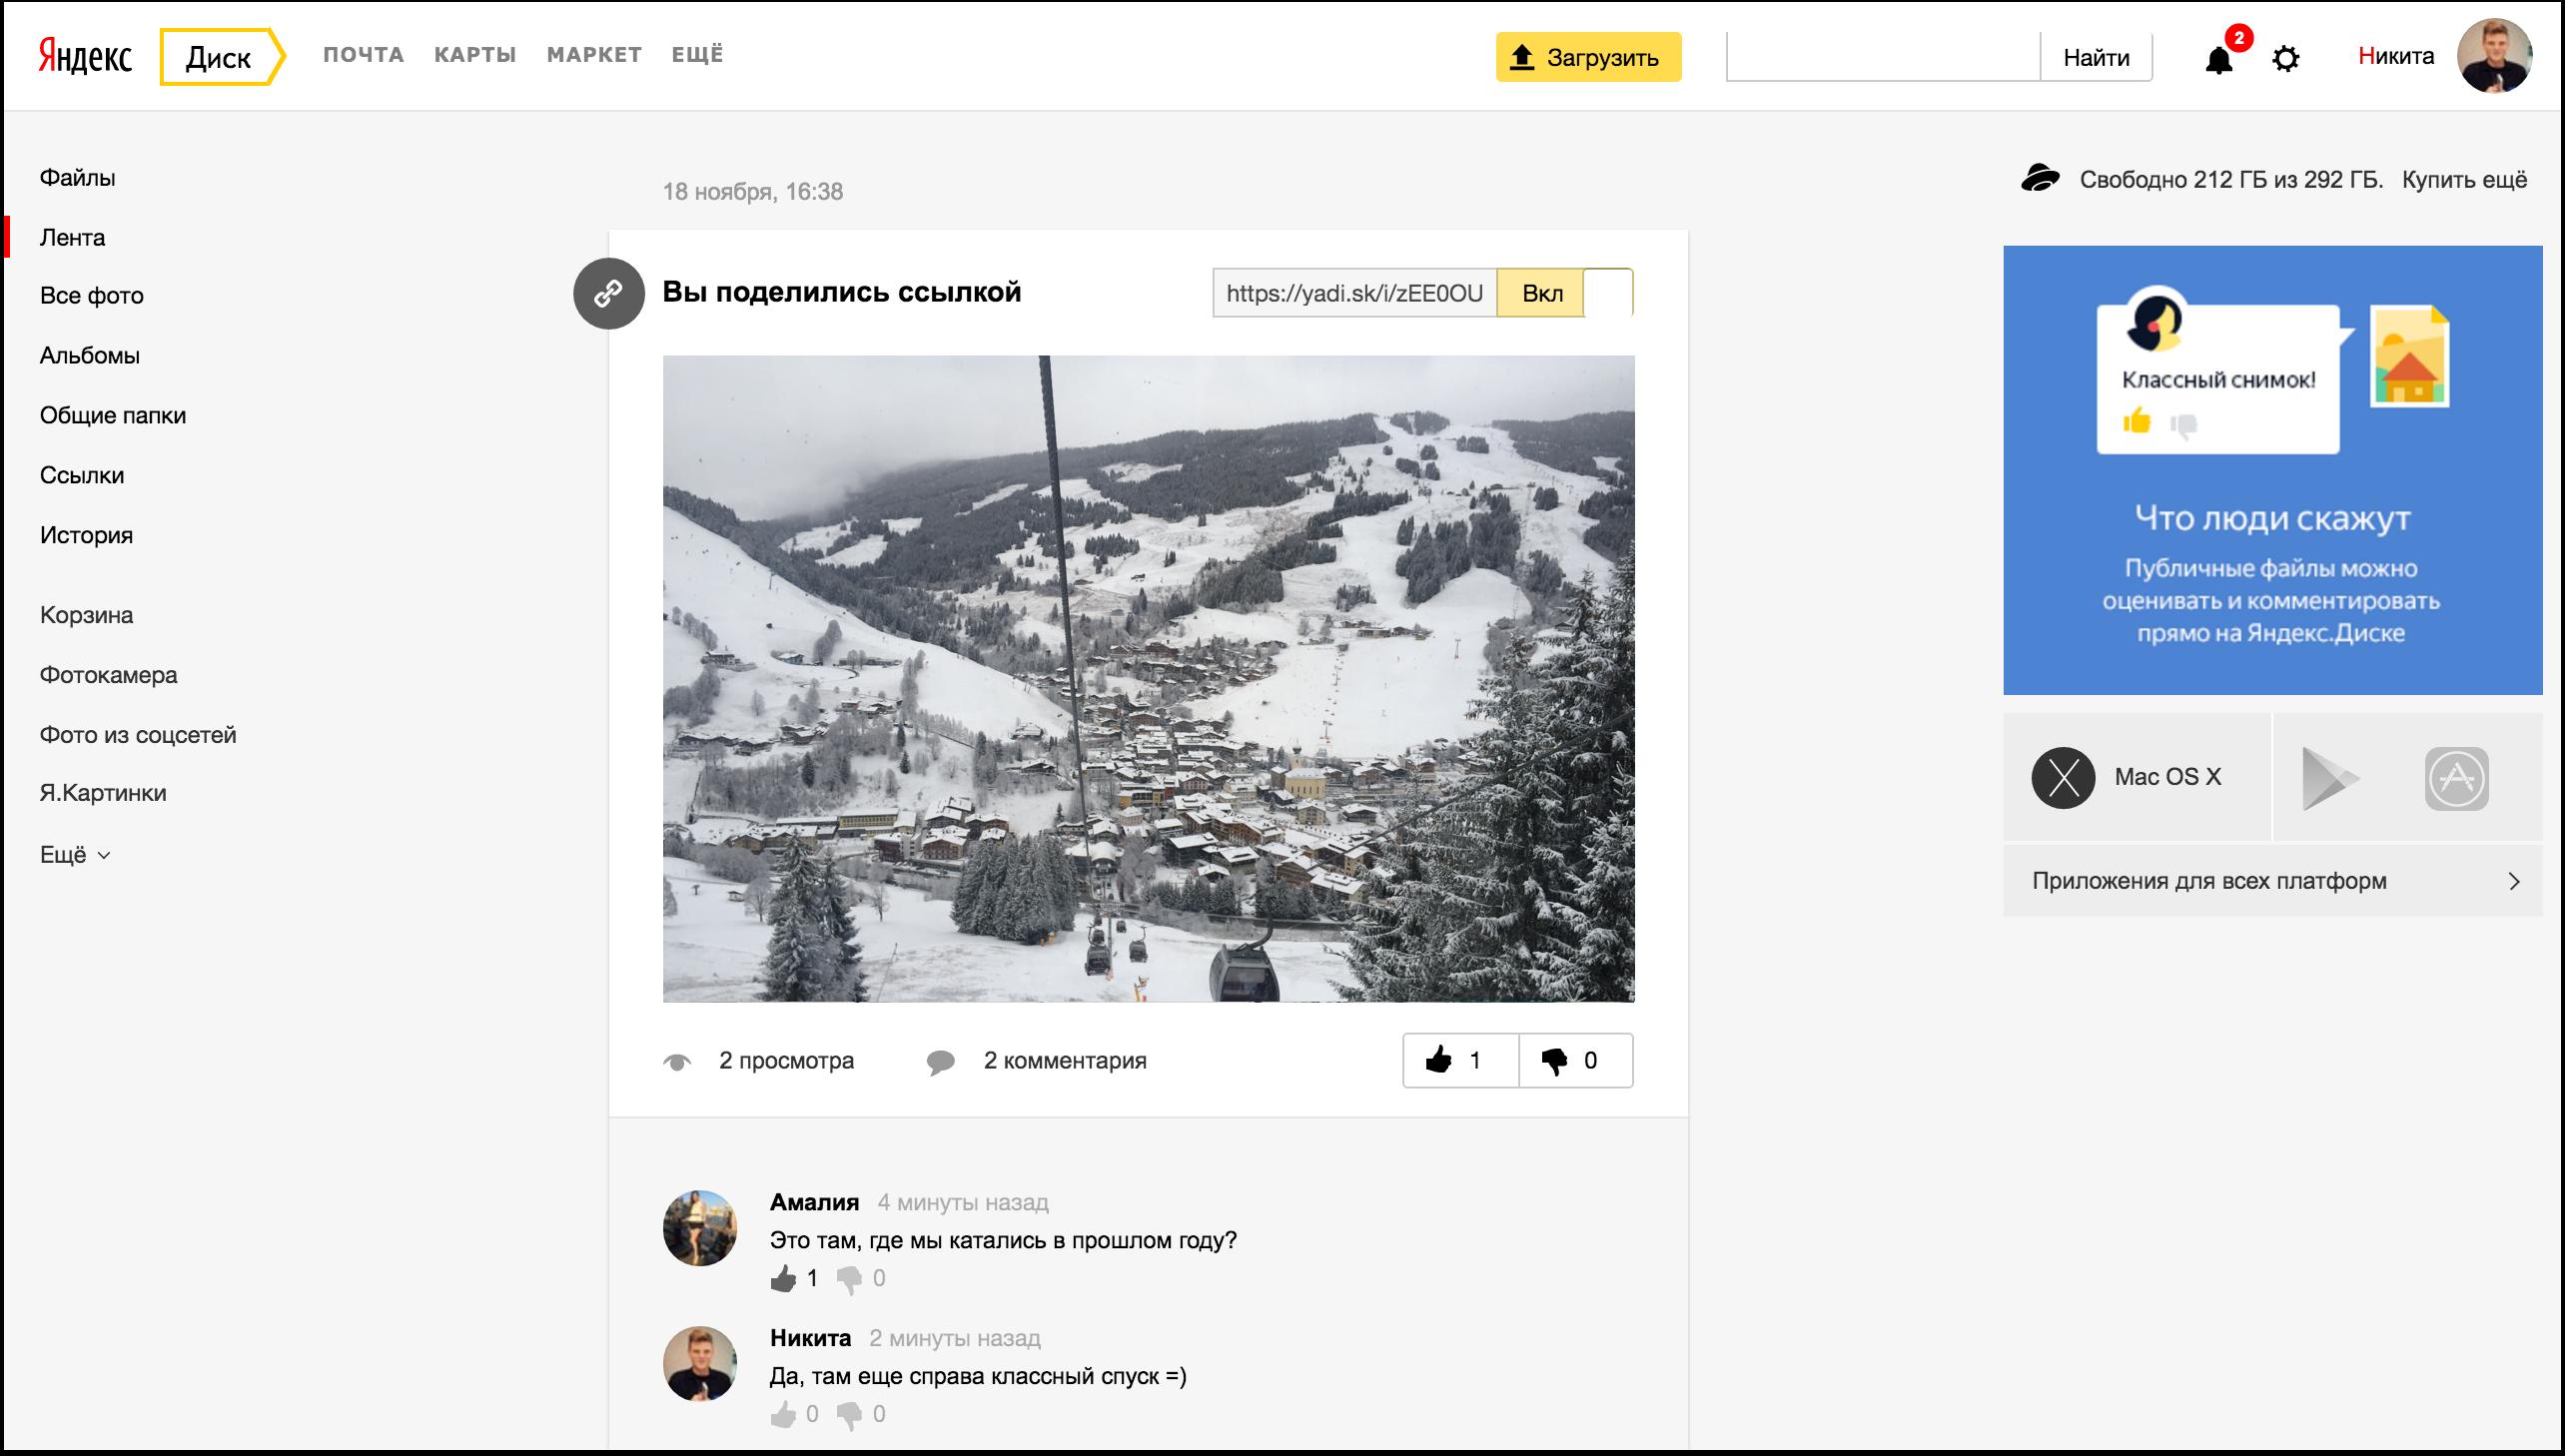 Поделиться ссылкой на файл или папку Справка: Яндекс. Диск